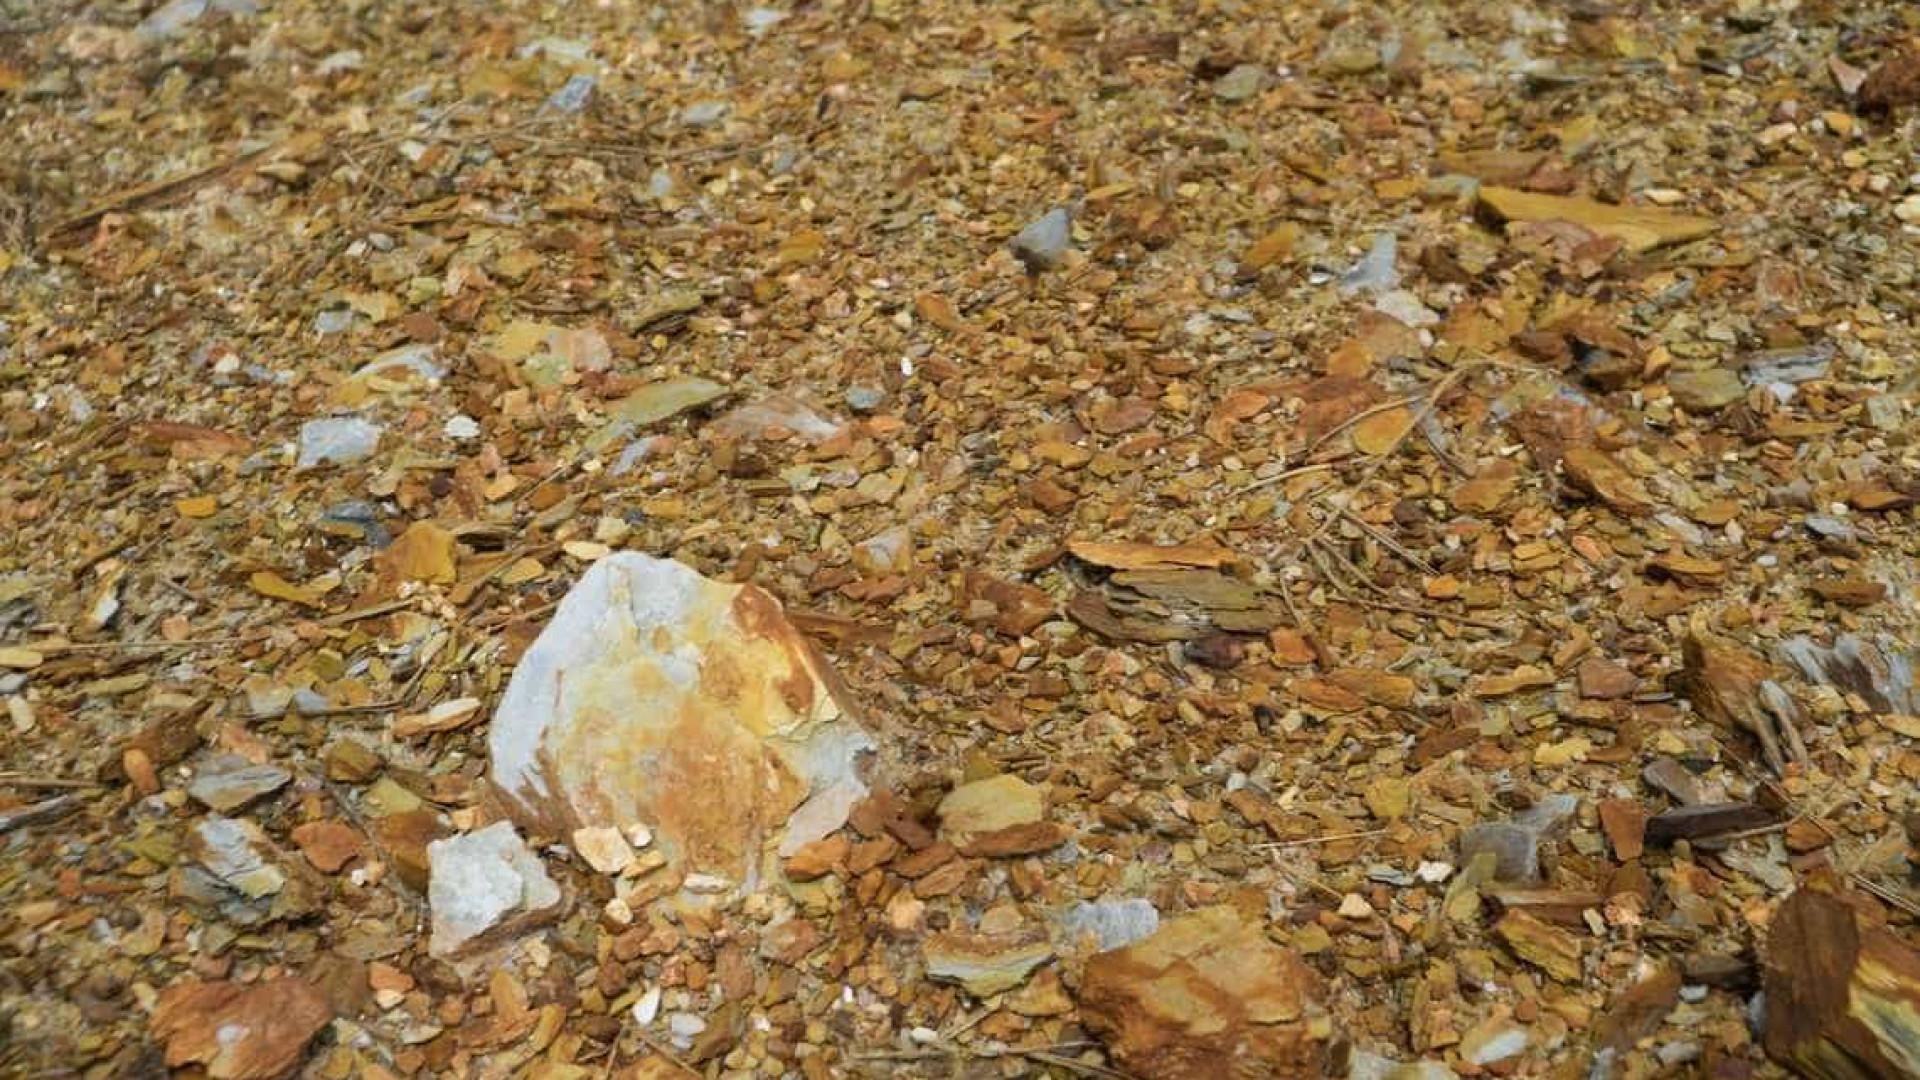 Receita faz operação contra extração e comércio ilegal de ouro